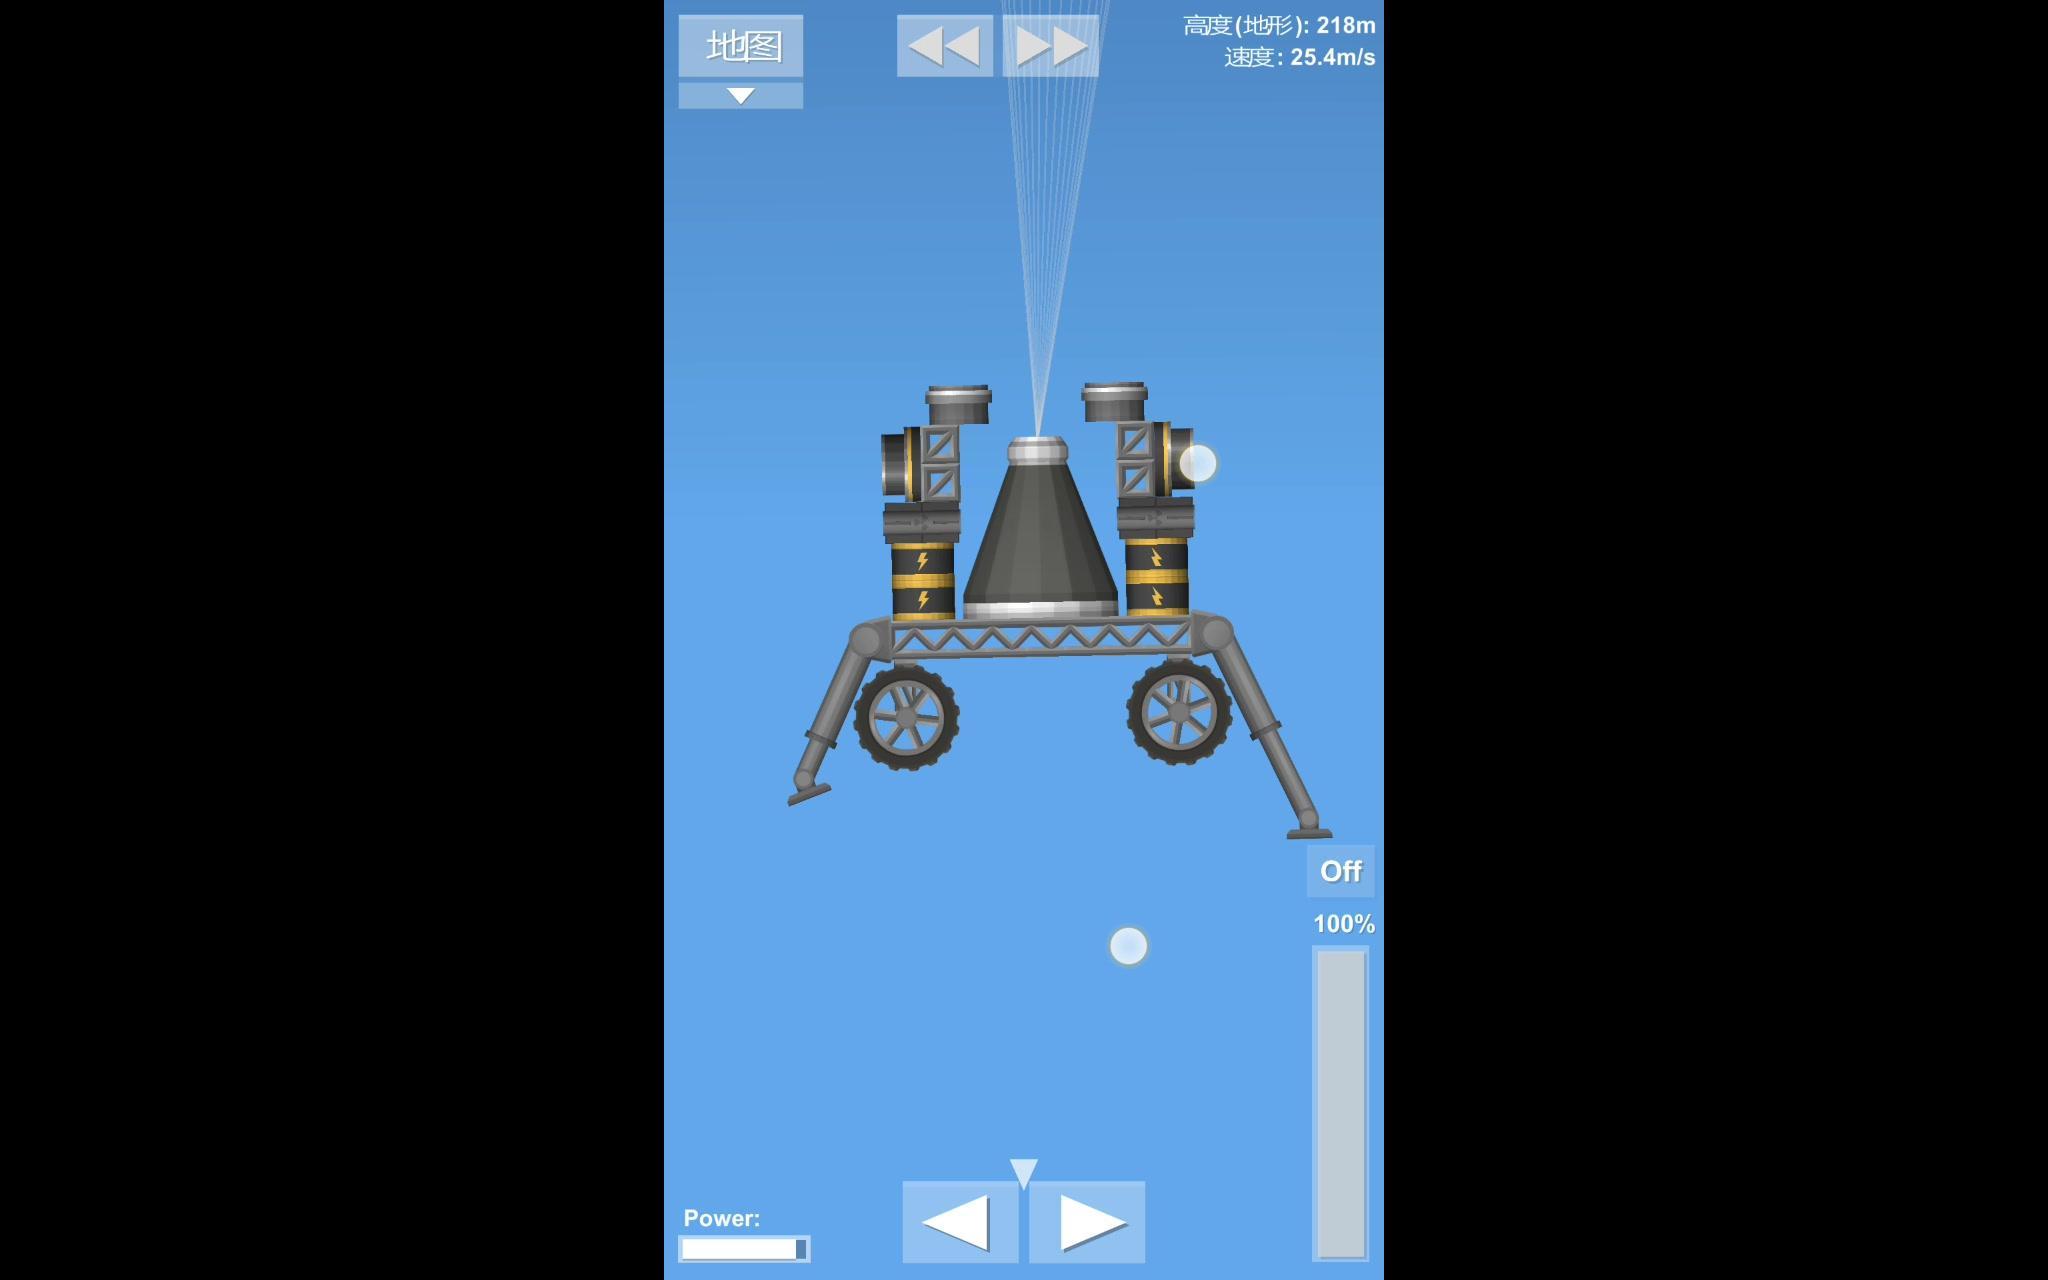 【航天模拟器手机版】火箭没油怎么安全返回图片